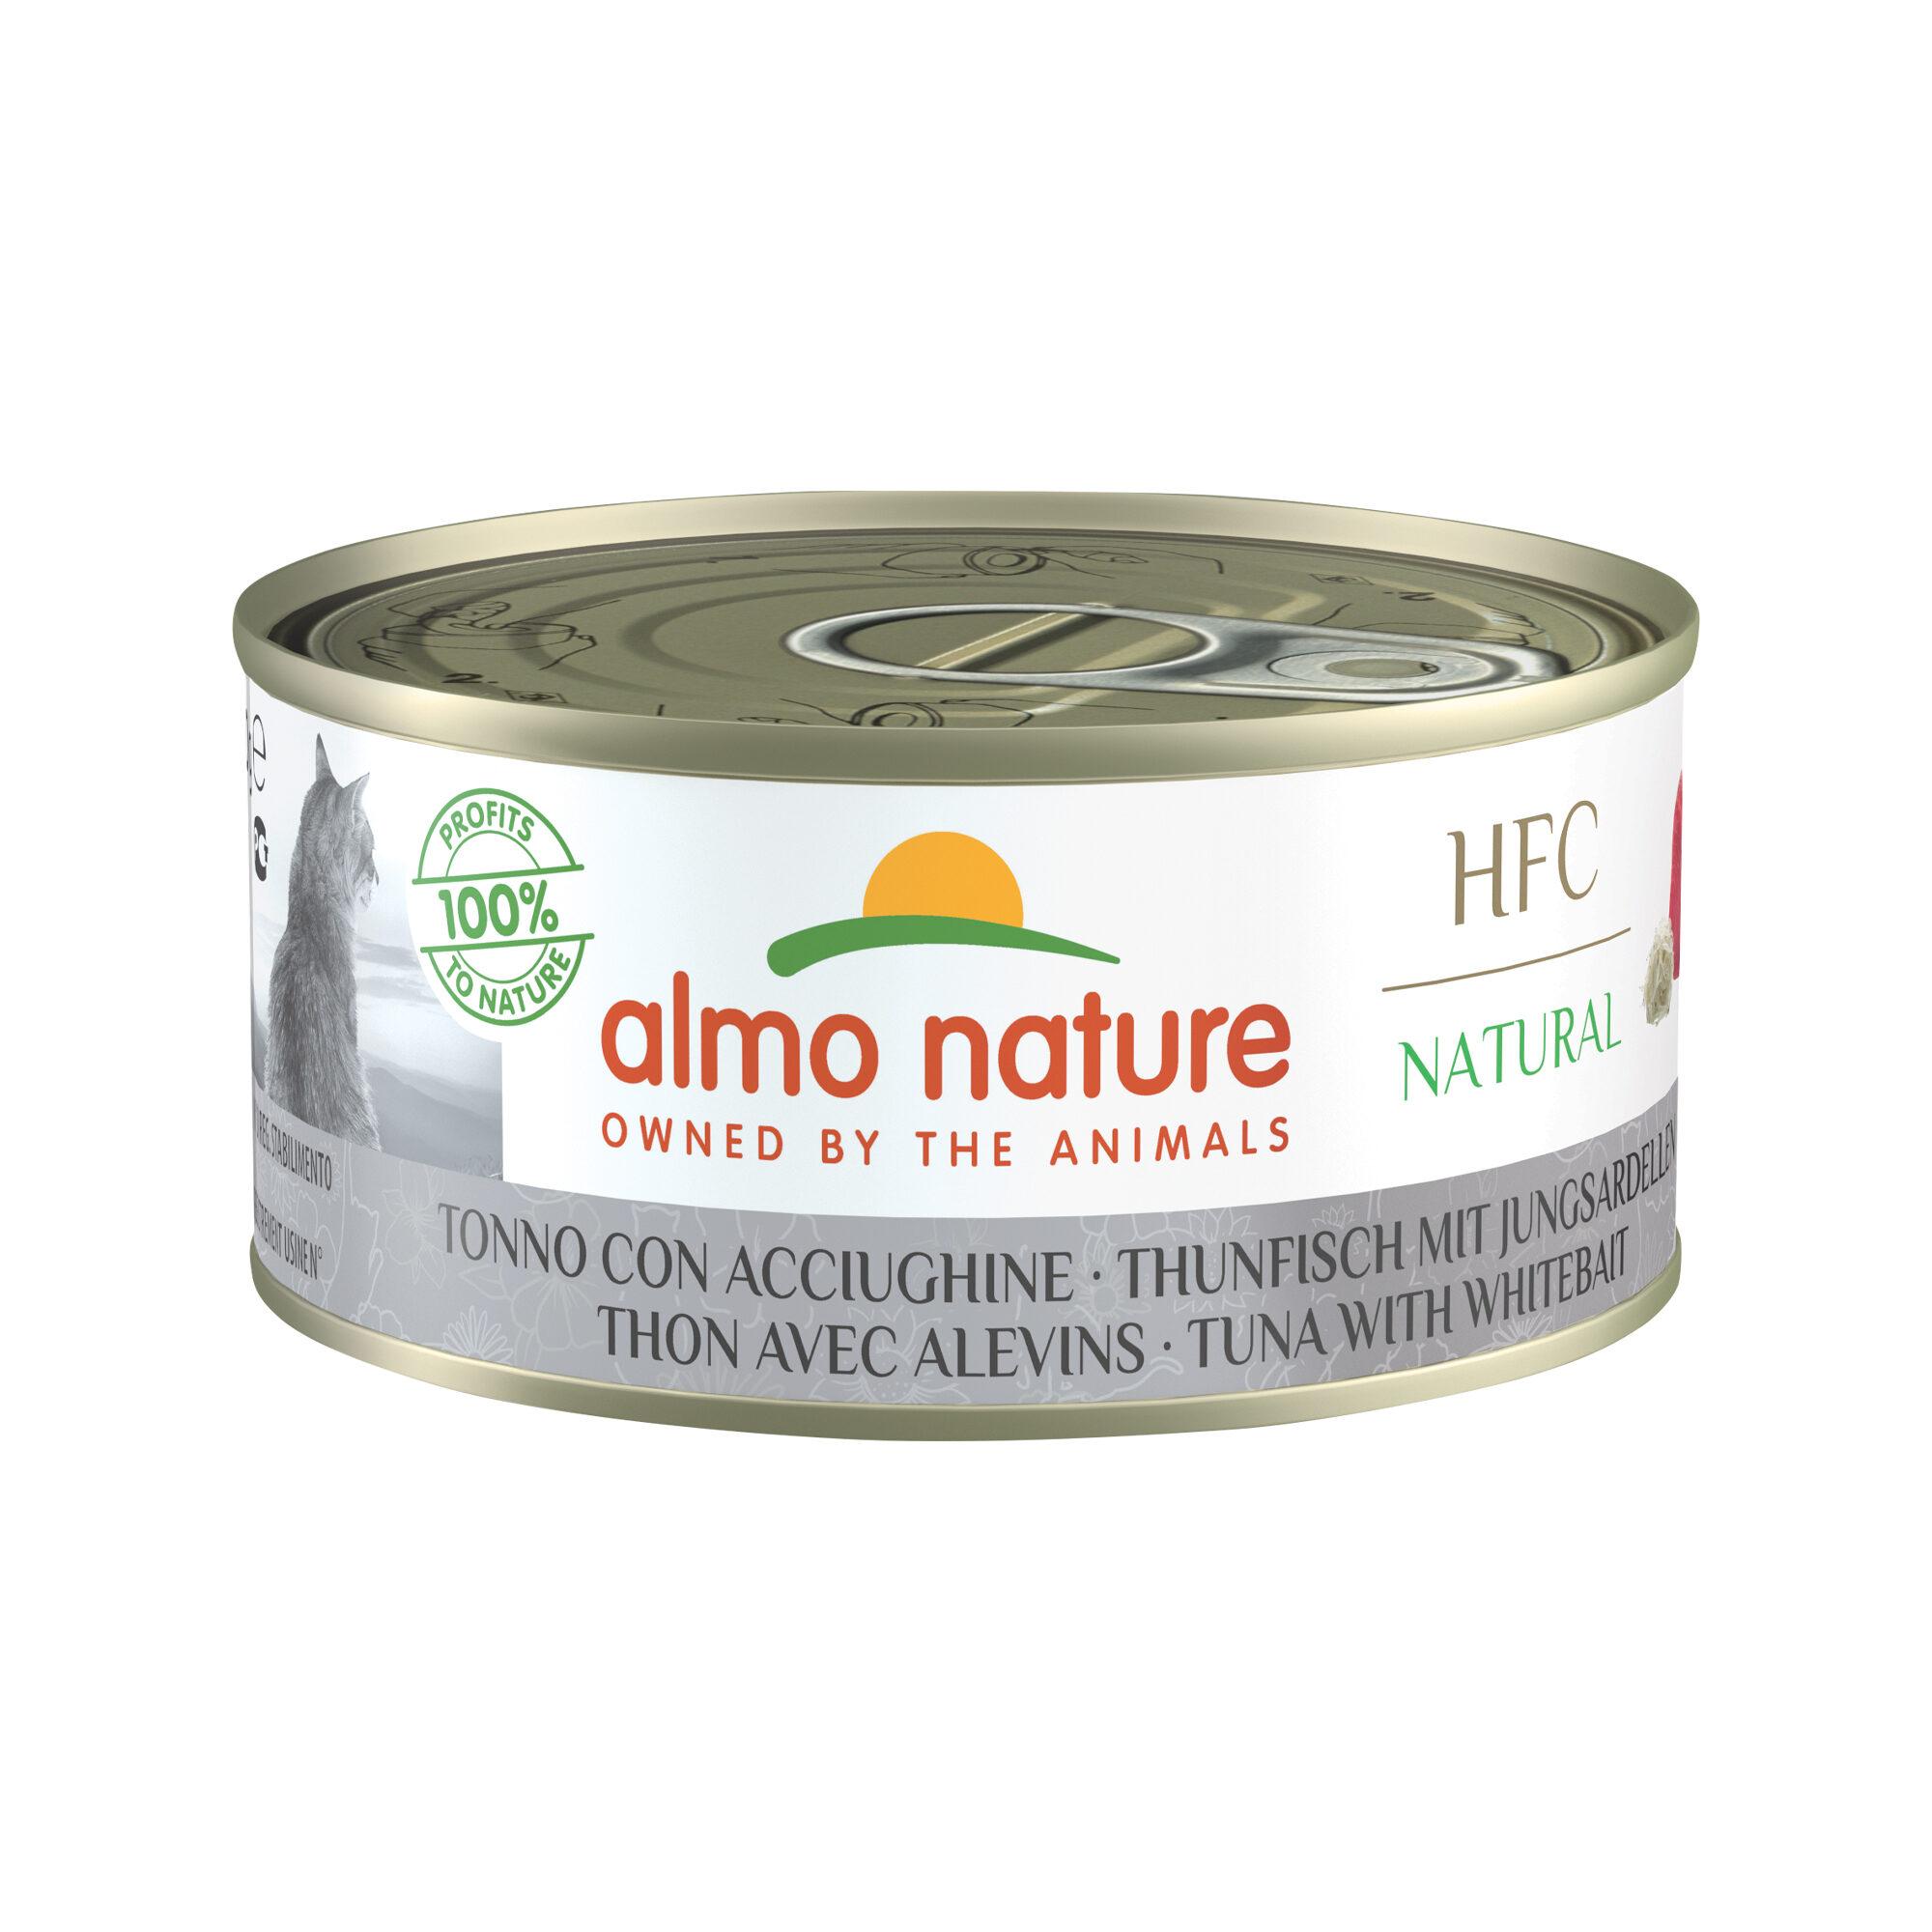 Almo Nature HFC 150 Natural - Thunfisch mit Jungsardellen - 24 x 150 g